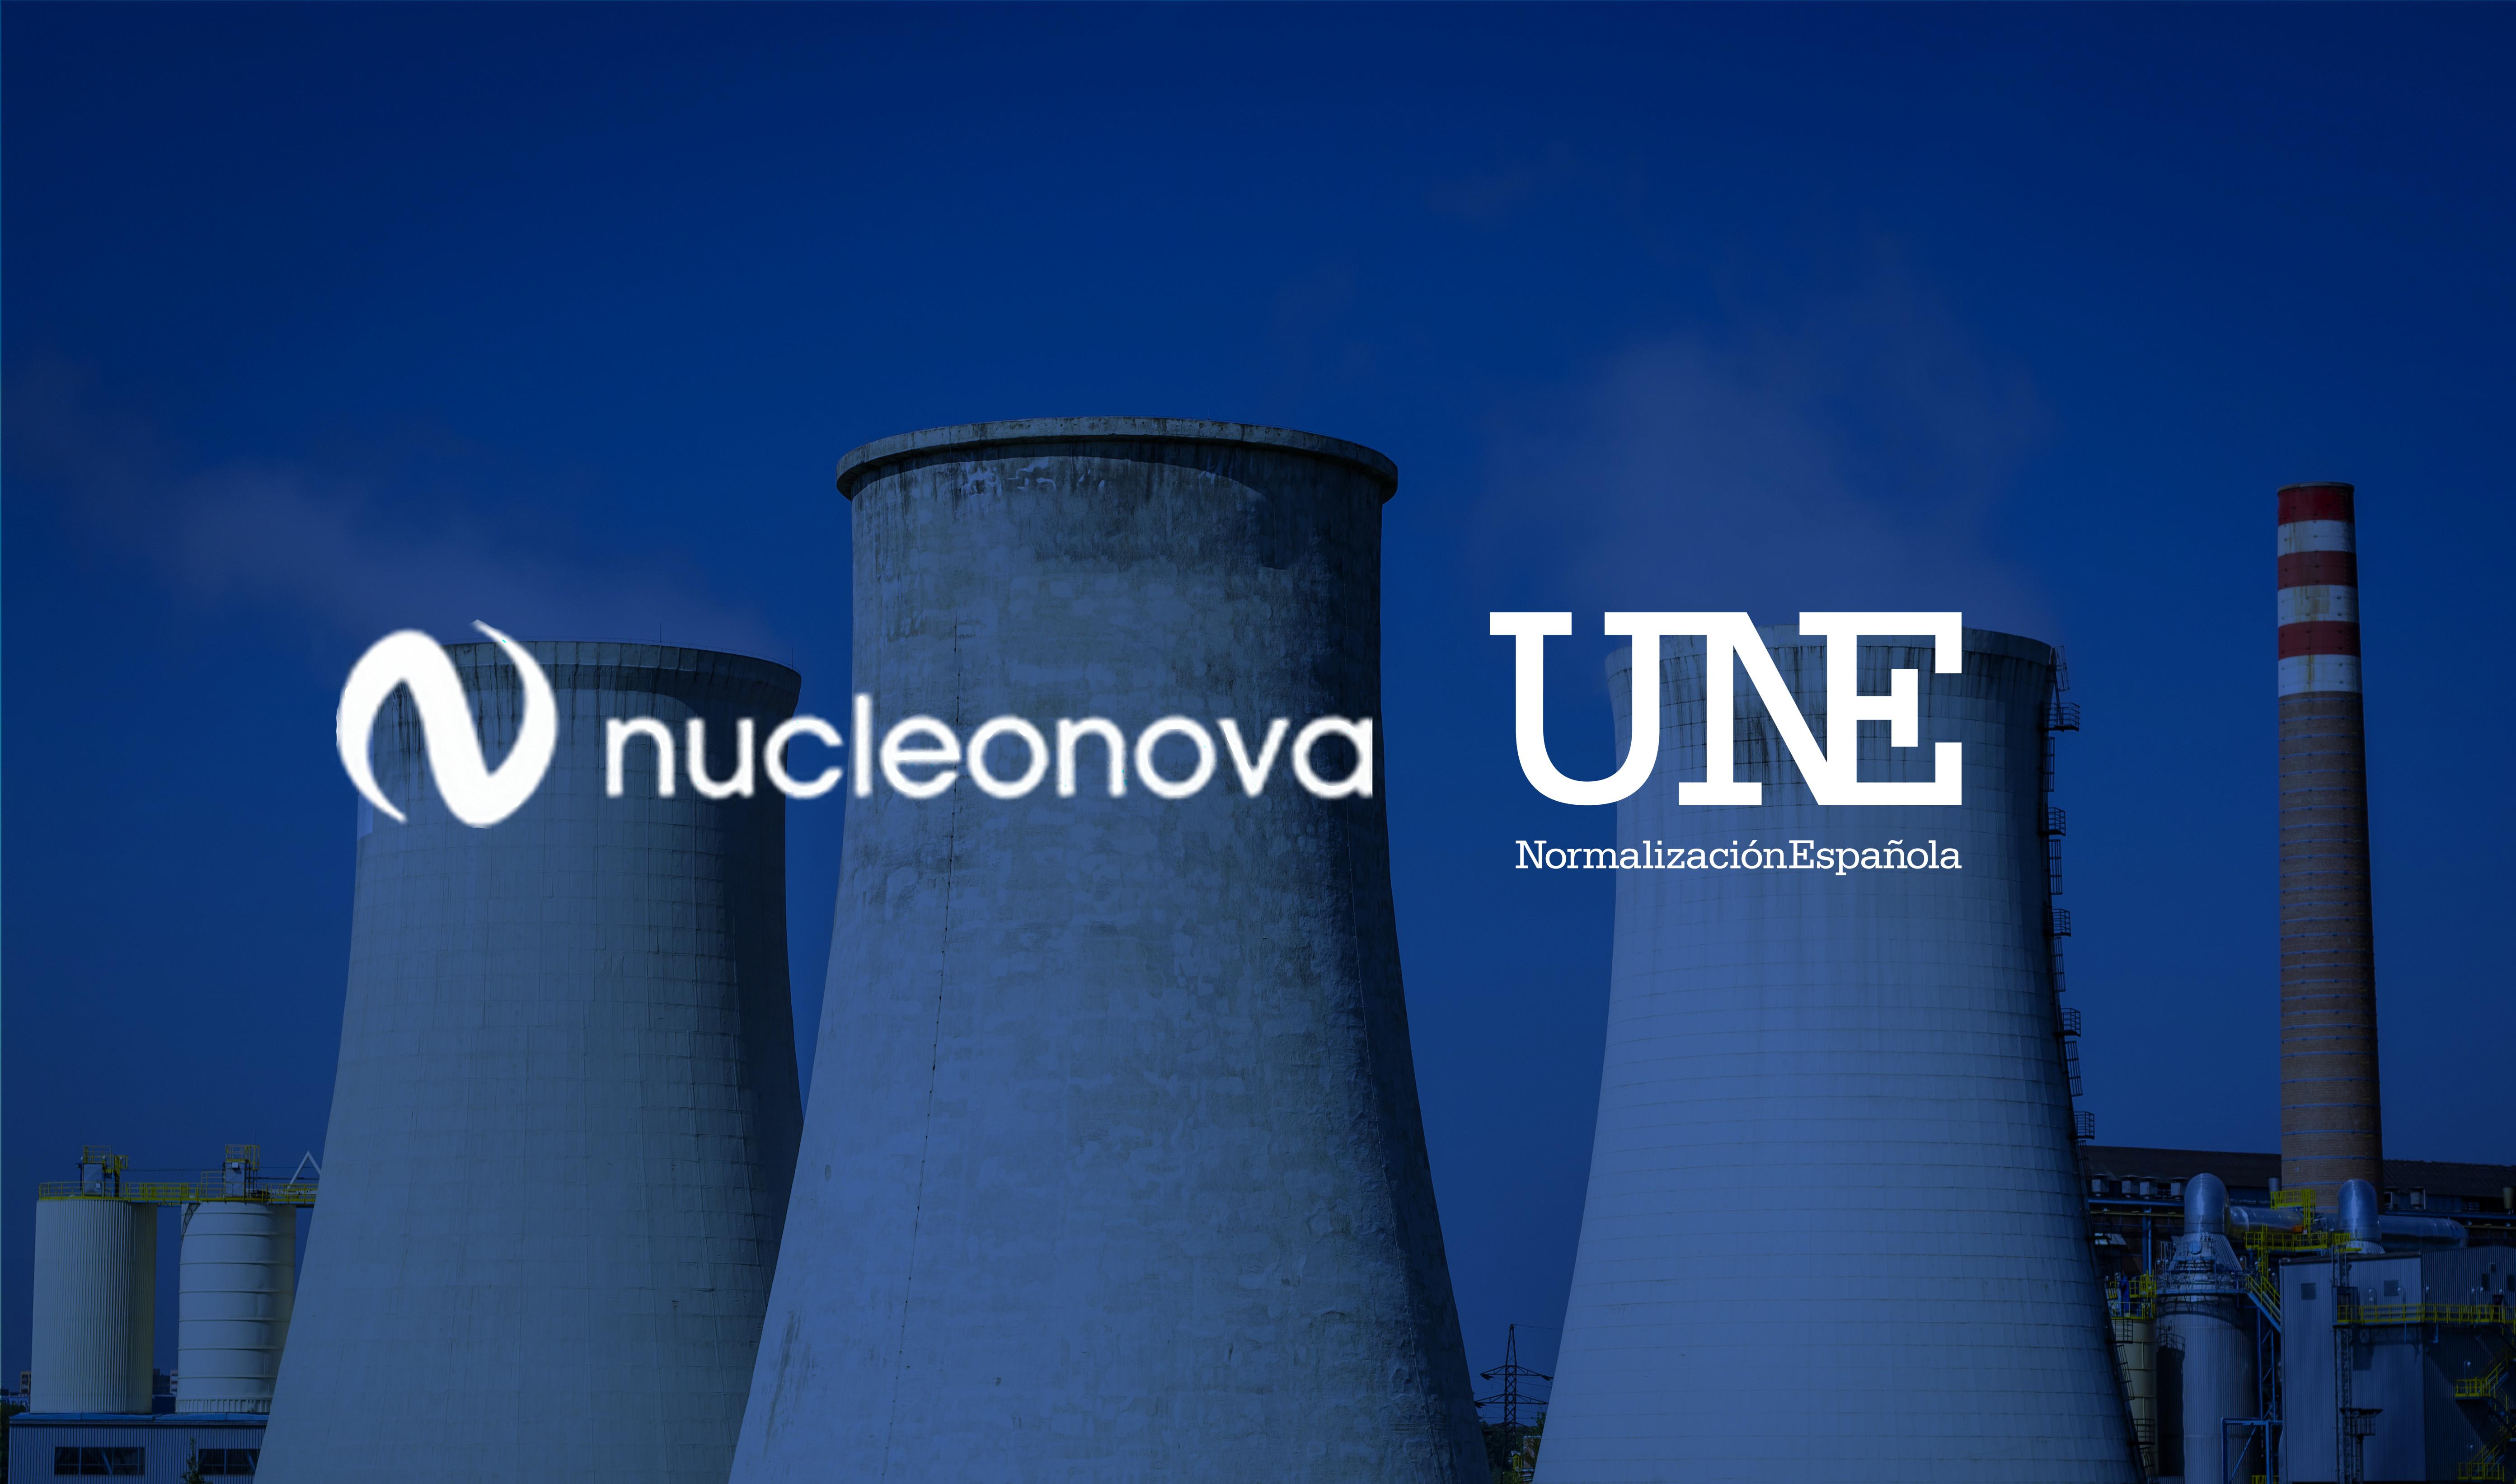 PARTICIPACIÓN DE NUCLEONOVA, EN EL COMITÉ TÉCNICO 73 DE UNE ASOCIACIÓN ESPAÑOLA DE NORMALIZACIÓN Y NOMINACIÓN COMO EXPERTOS.